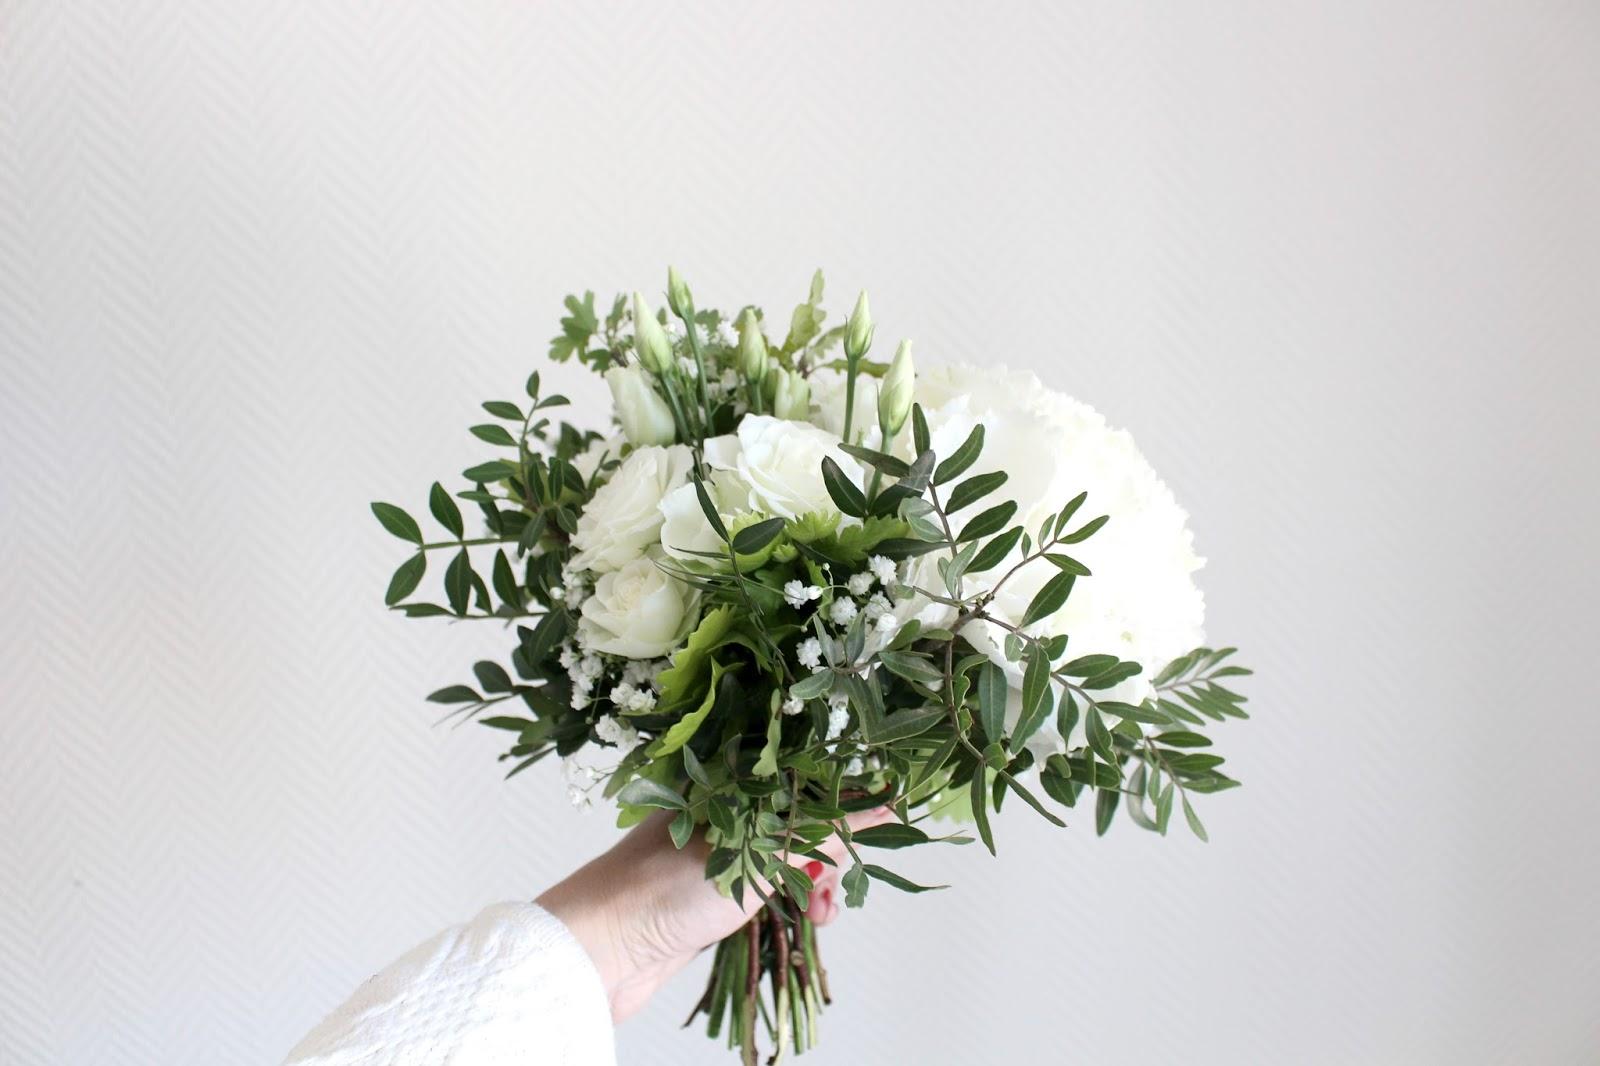 La petite boutique de fleurs fleuriste mariage lyon for Fleurs et fleurs